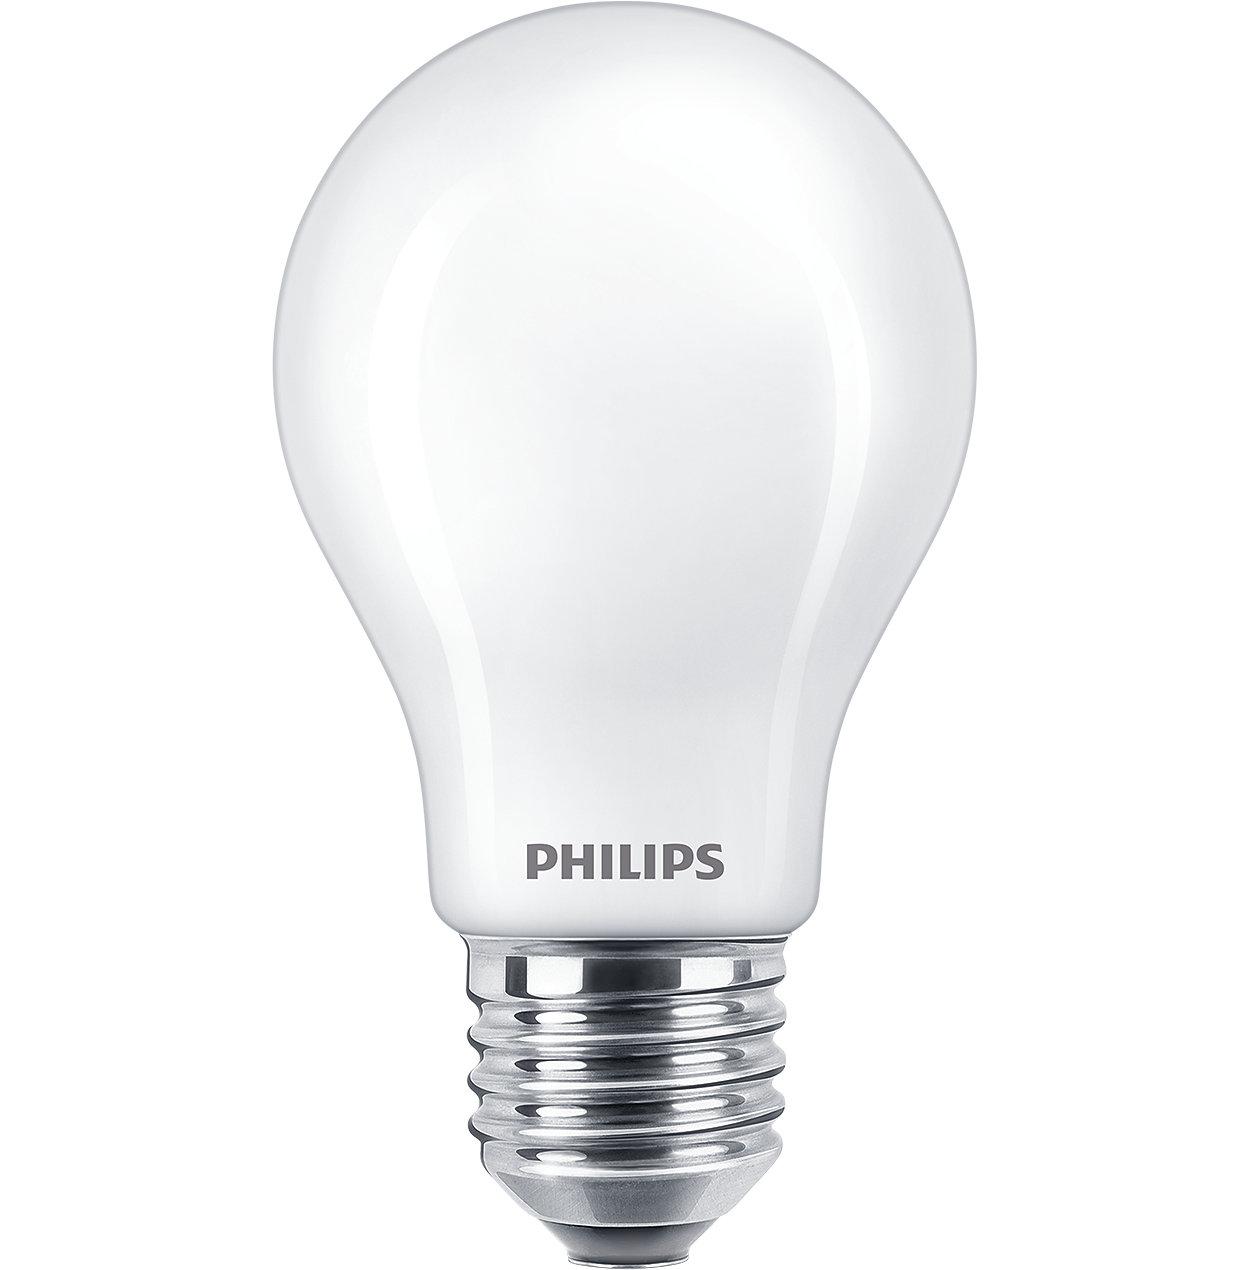 Topla bela svetloba, brez kompromisov pri kakovosti